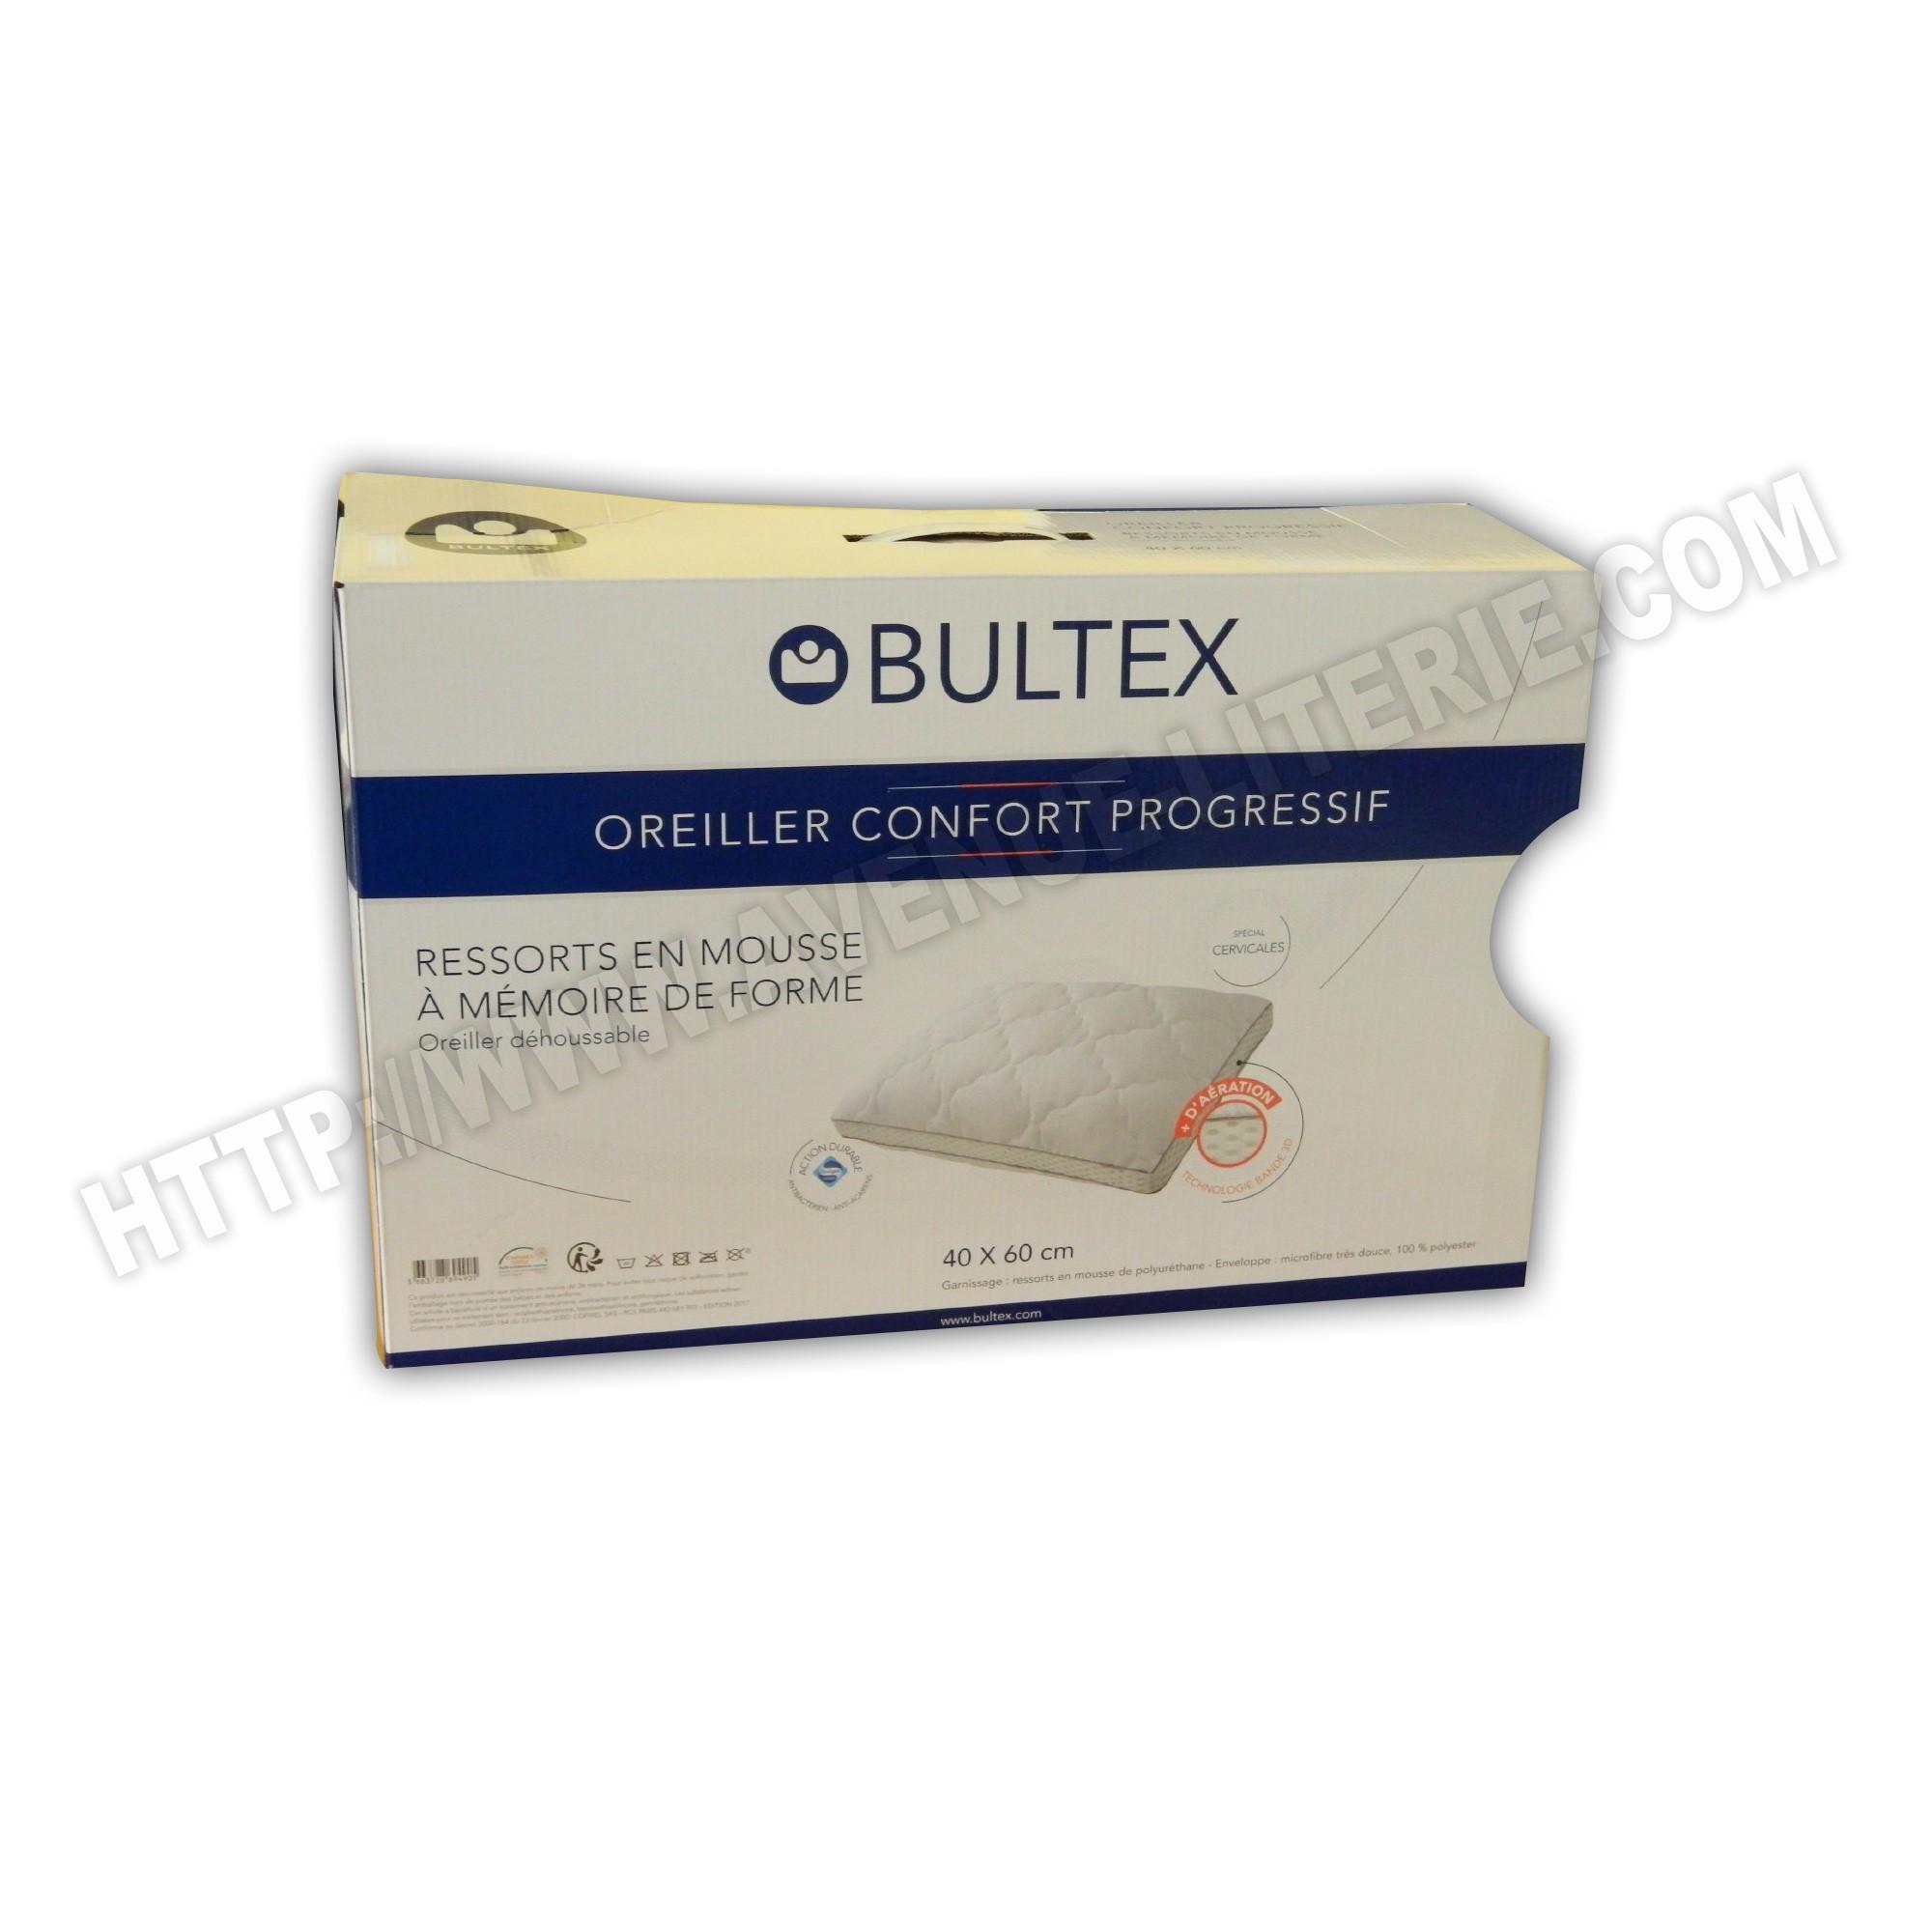 bultex memoire de forme cheap bultex memoire de forme with bultex memoire de forme bultex. Black Bedroom Furniture Sets. Home Design Ideas